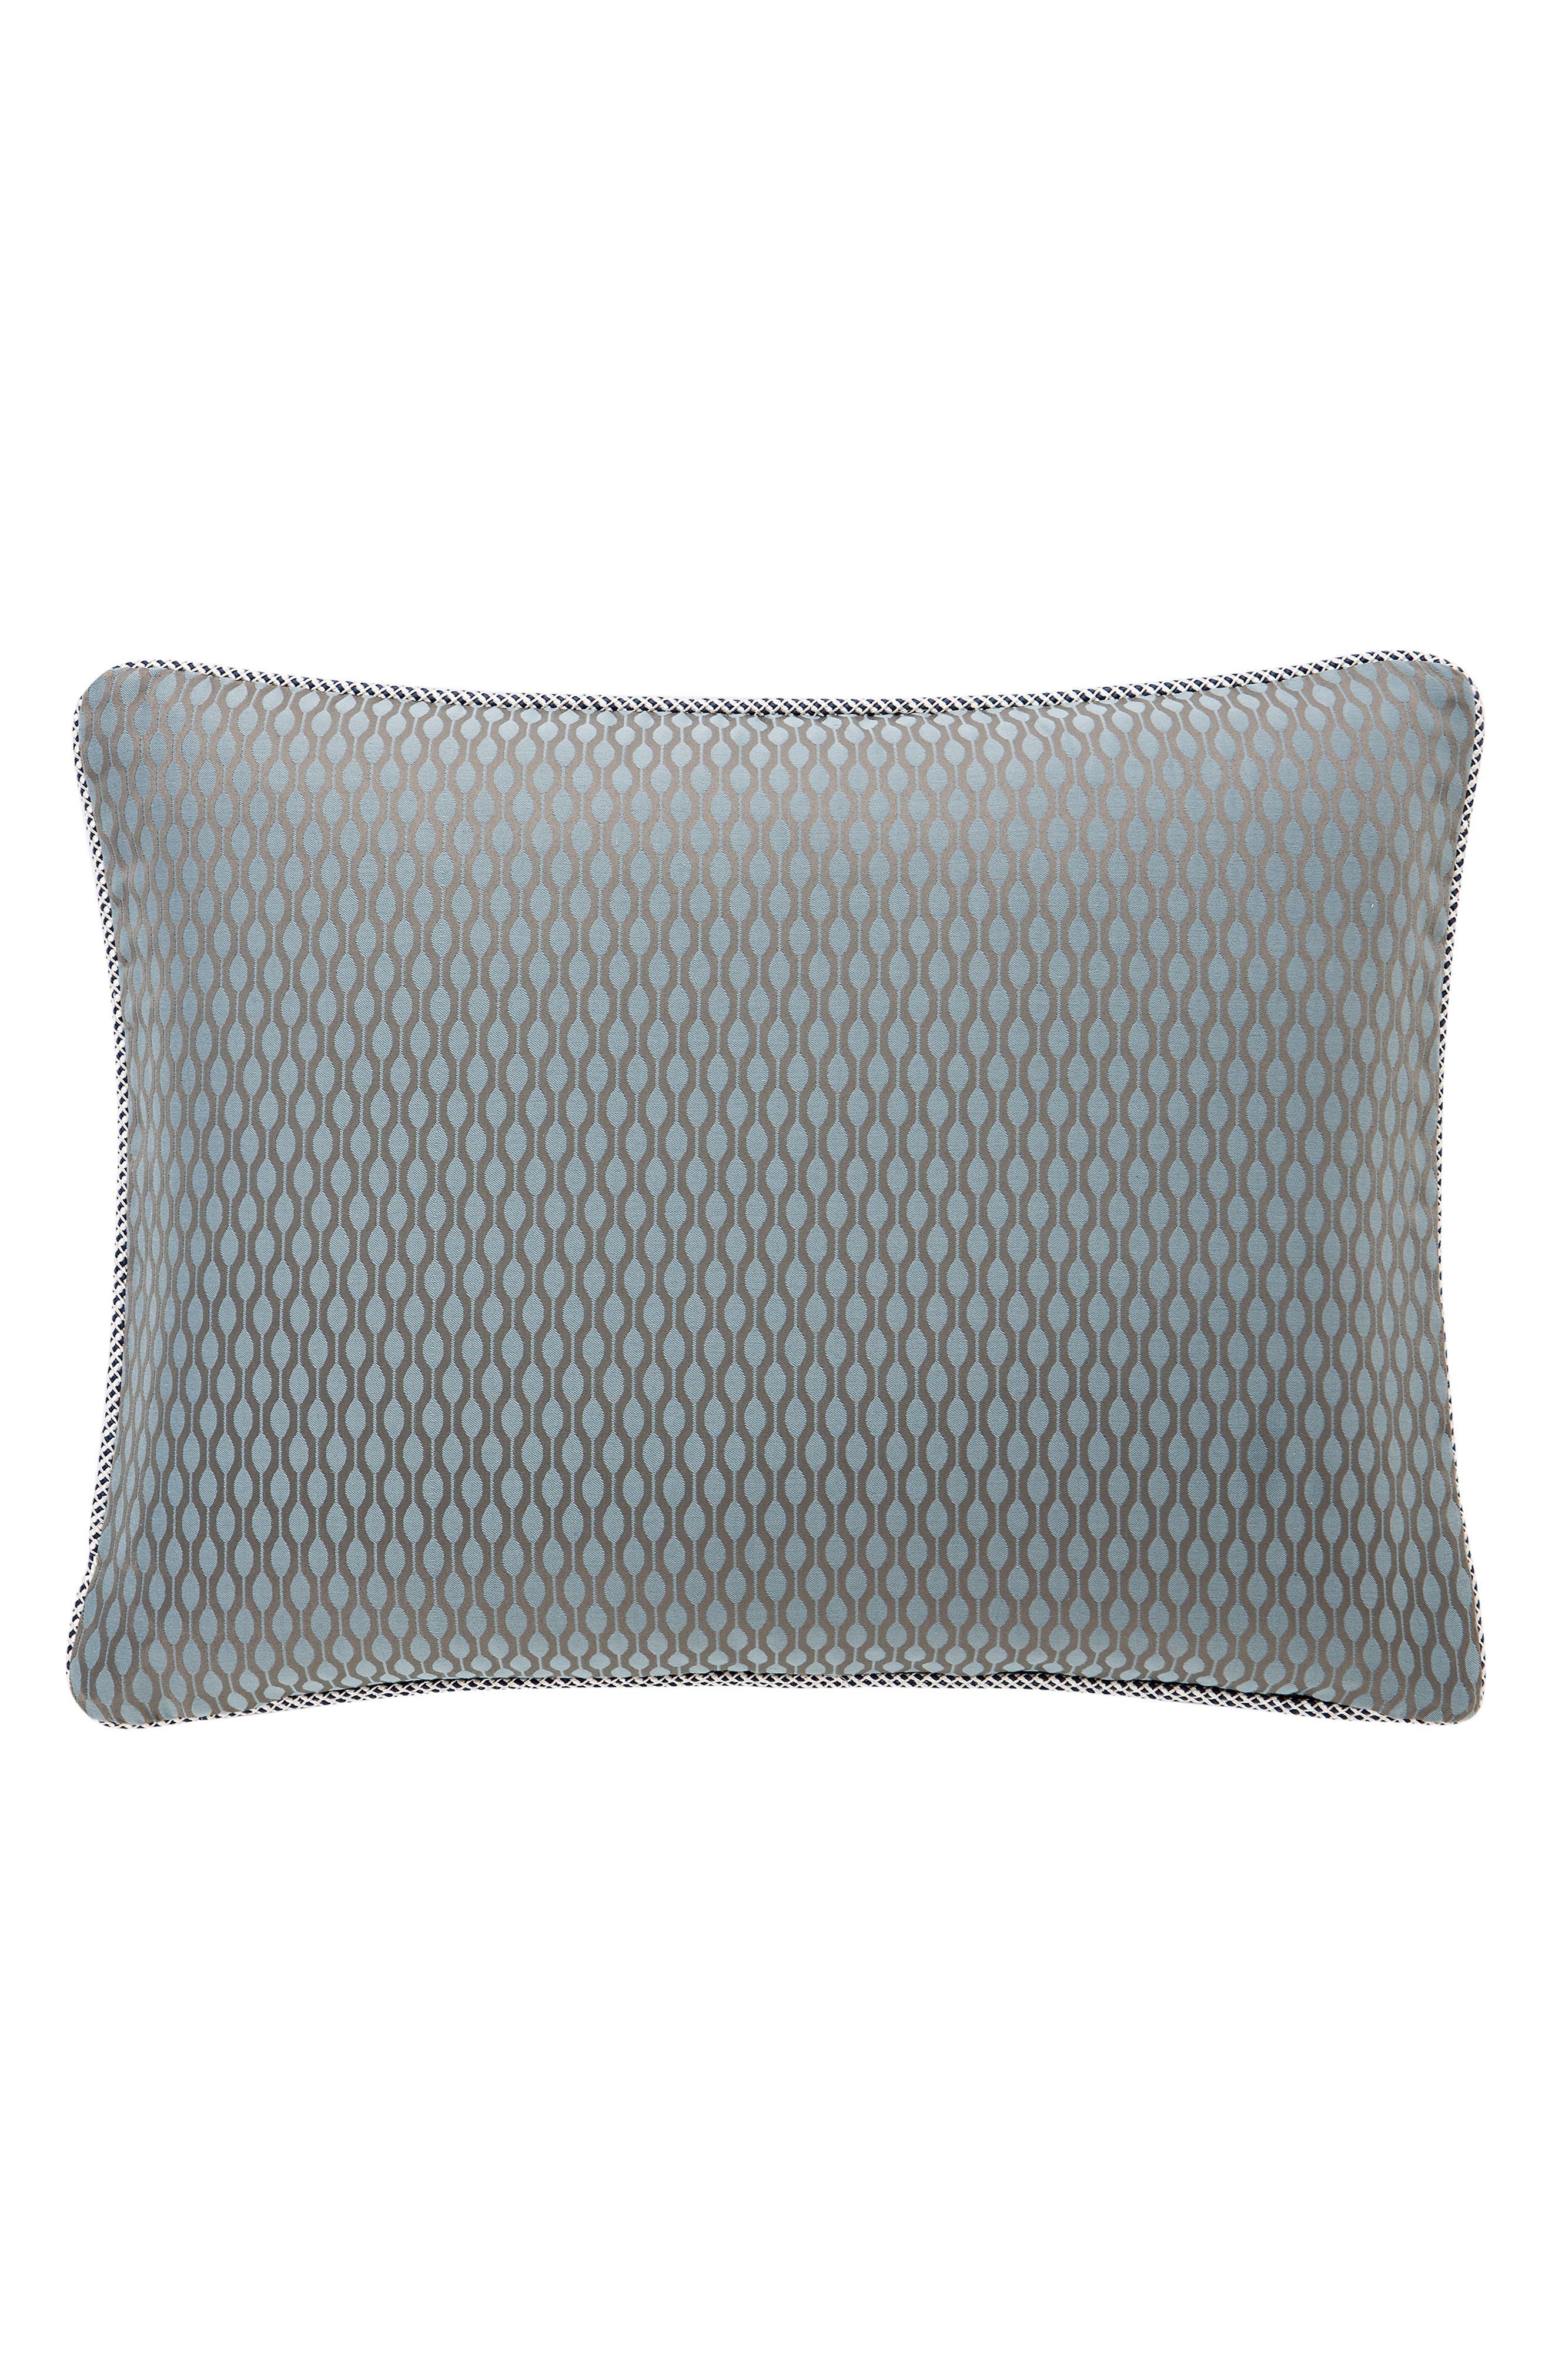 WATERFORD, Jonet Reversible Comforter, Sham & Bedskirt Set, Alternate thumbnail 4, color, INDIGO